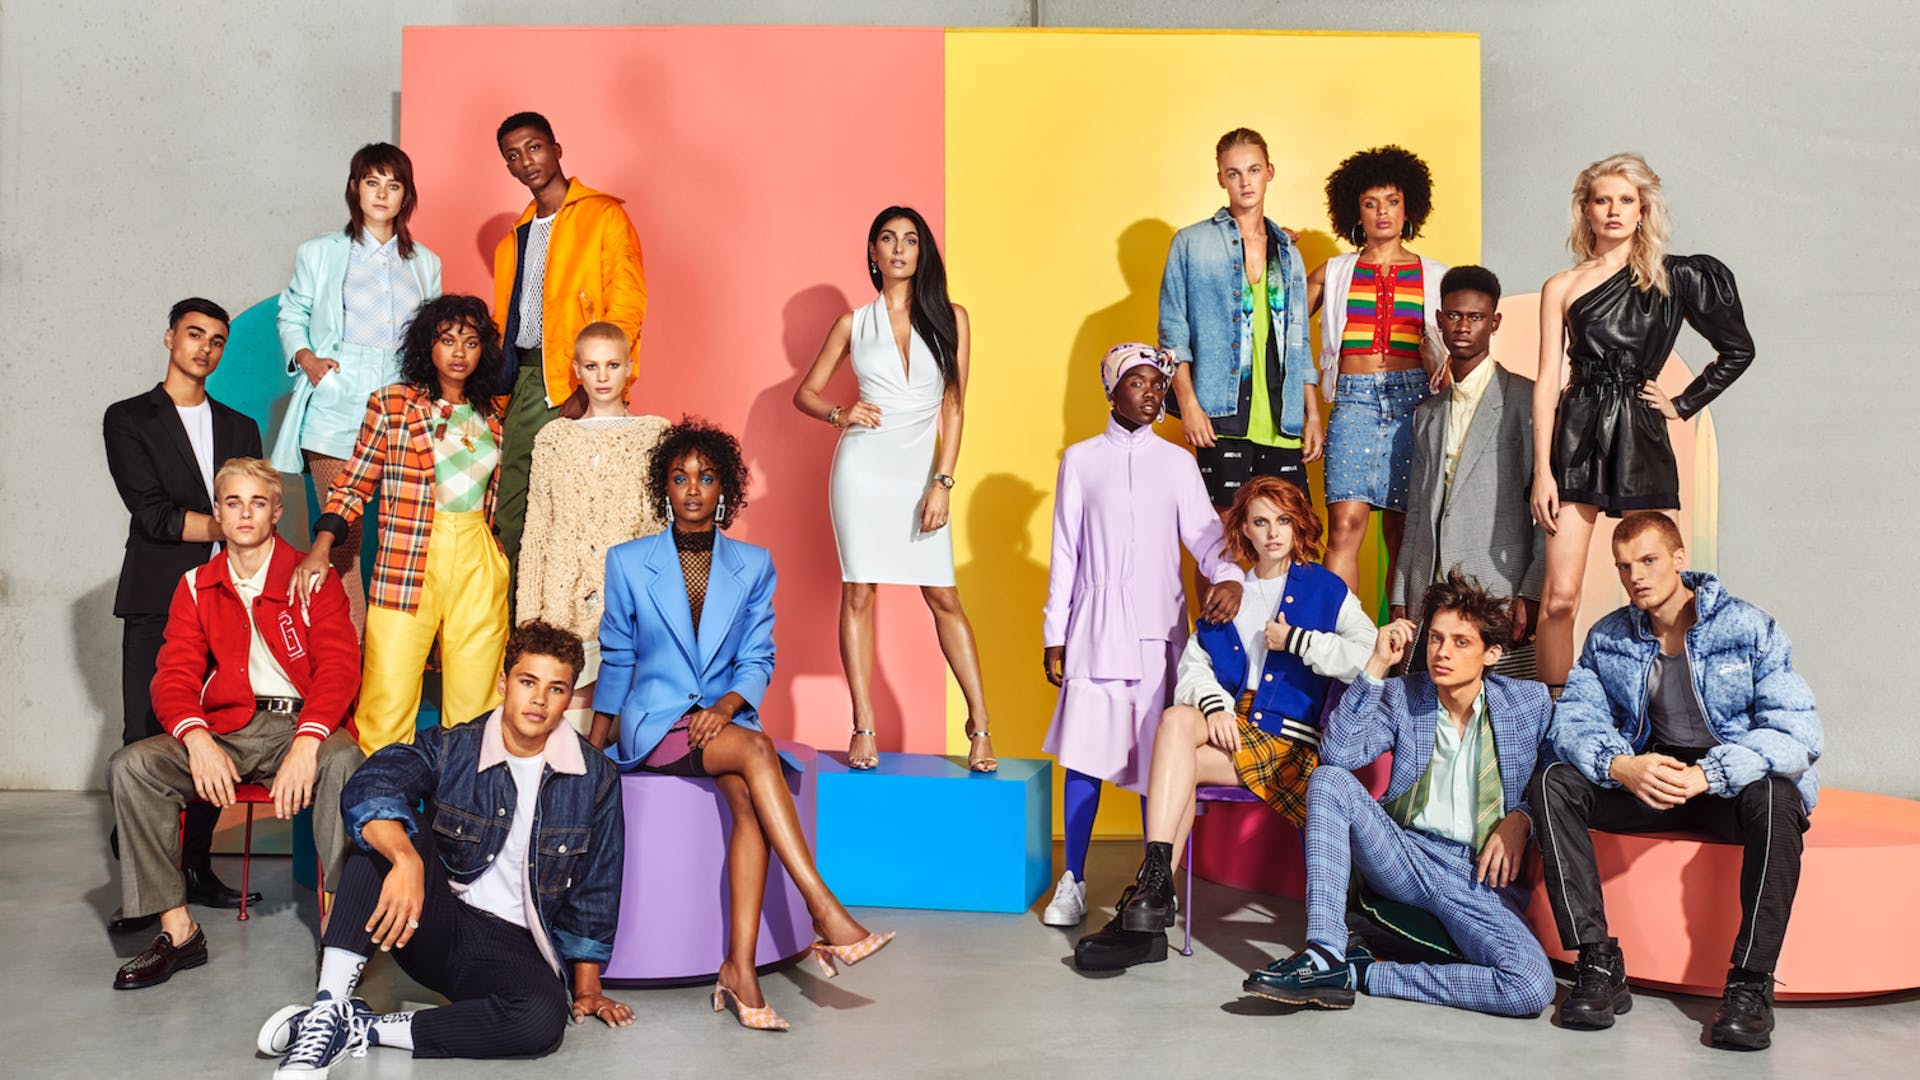 Deze 16 kandidaten strijden om de titel Holland's Next Top Model 2019, met in het midden presentatrice Anna Nooshin